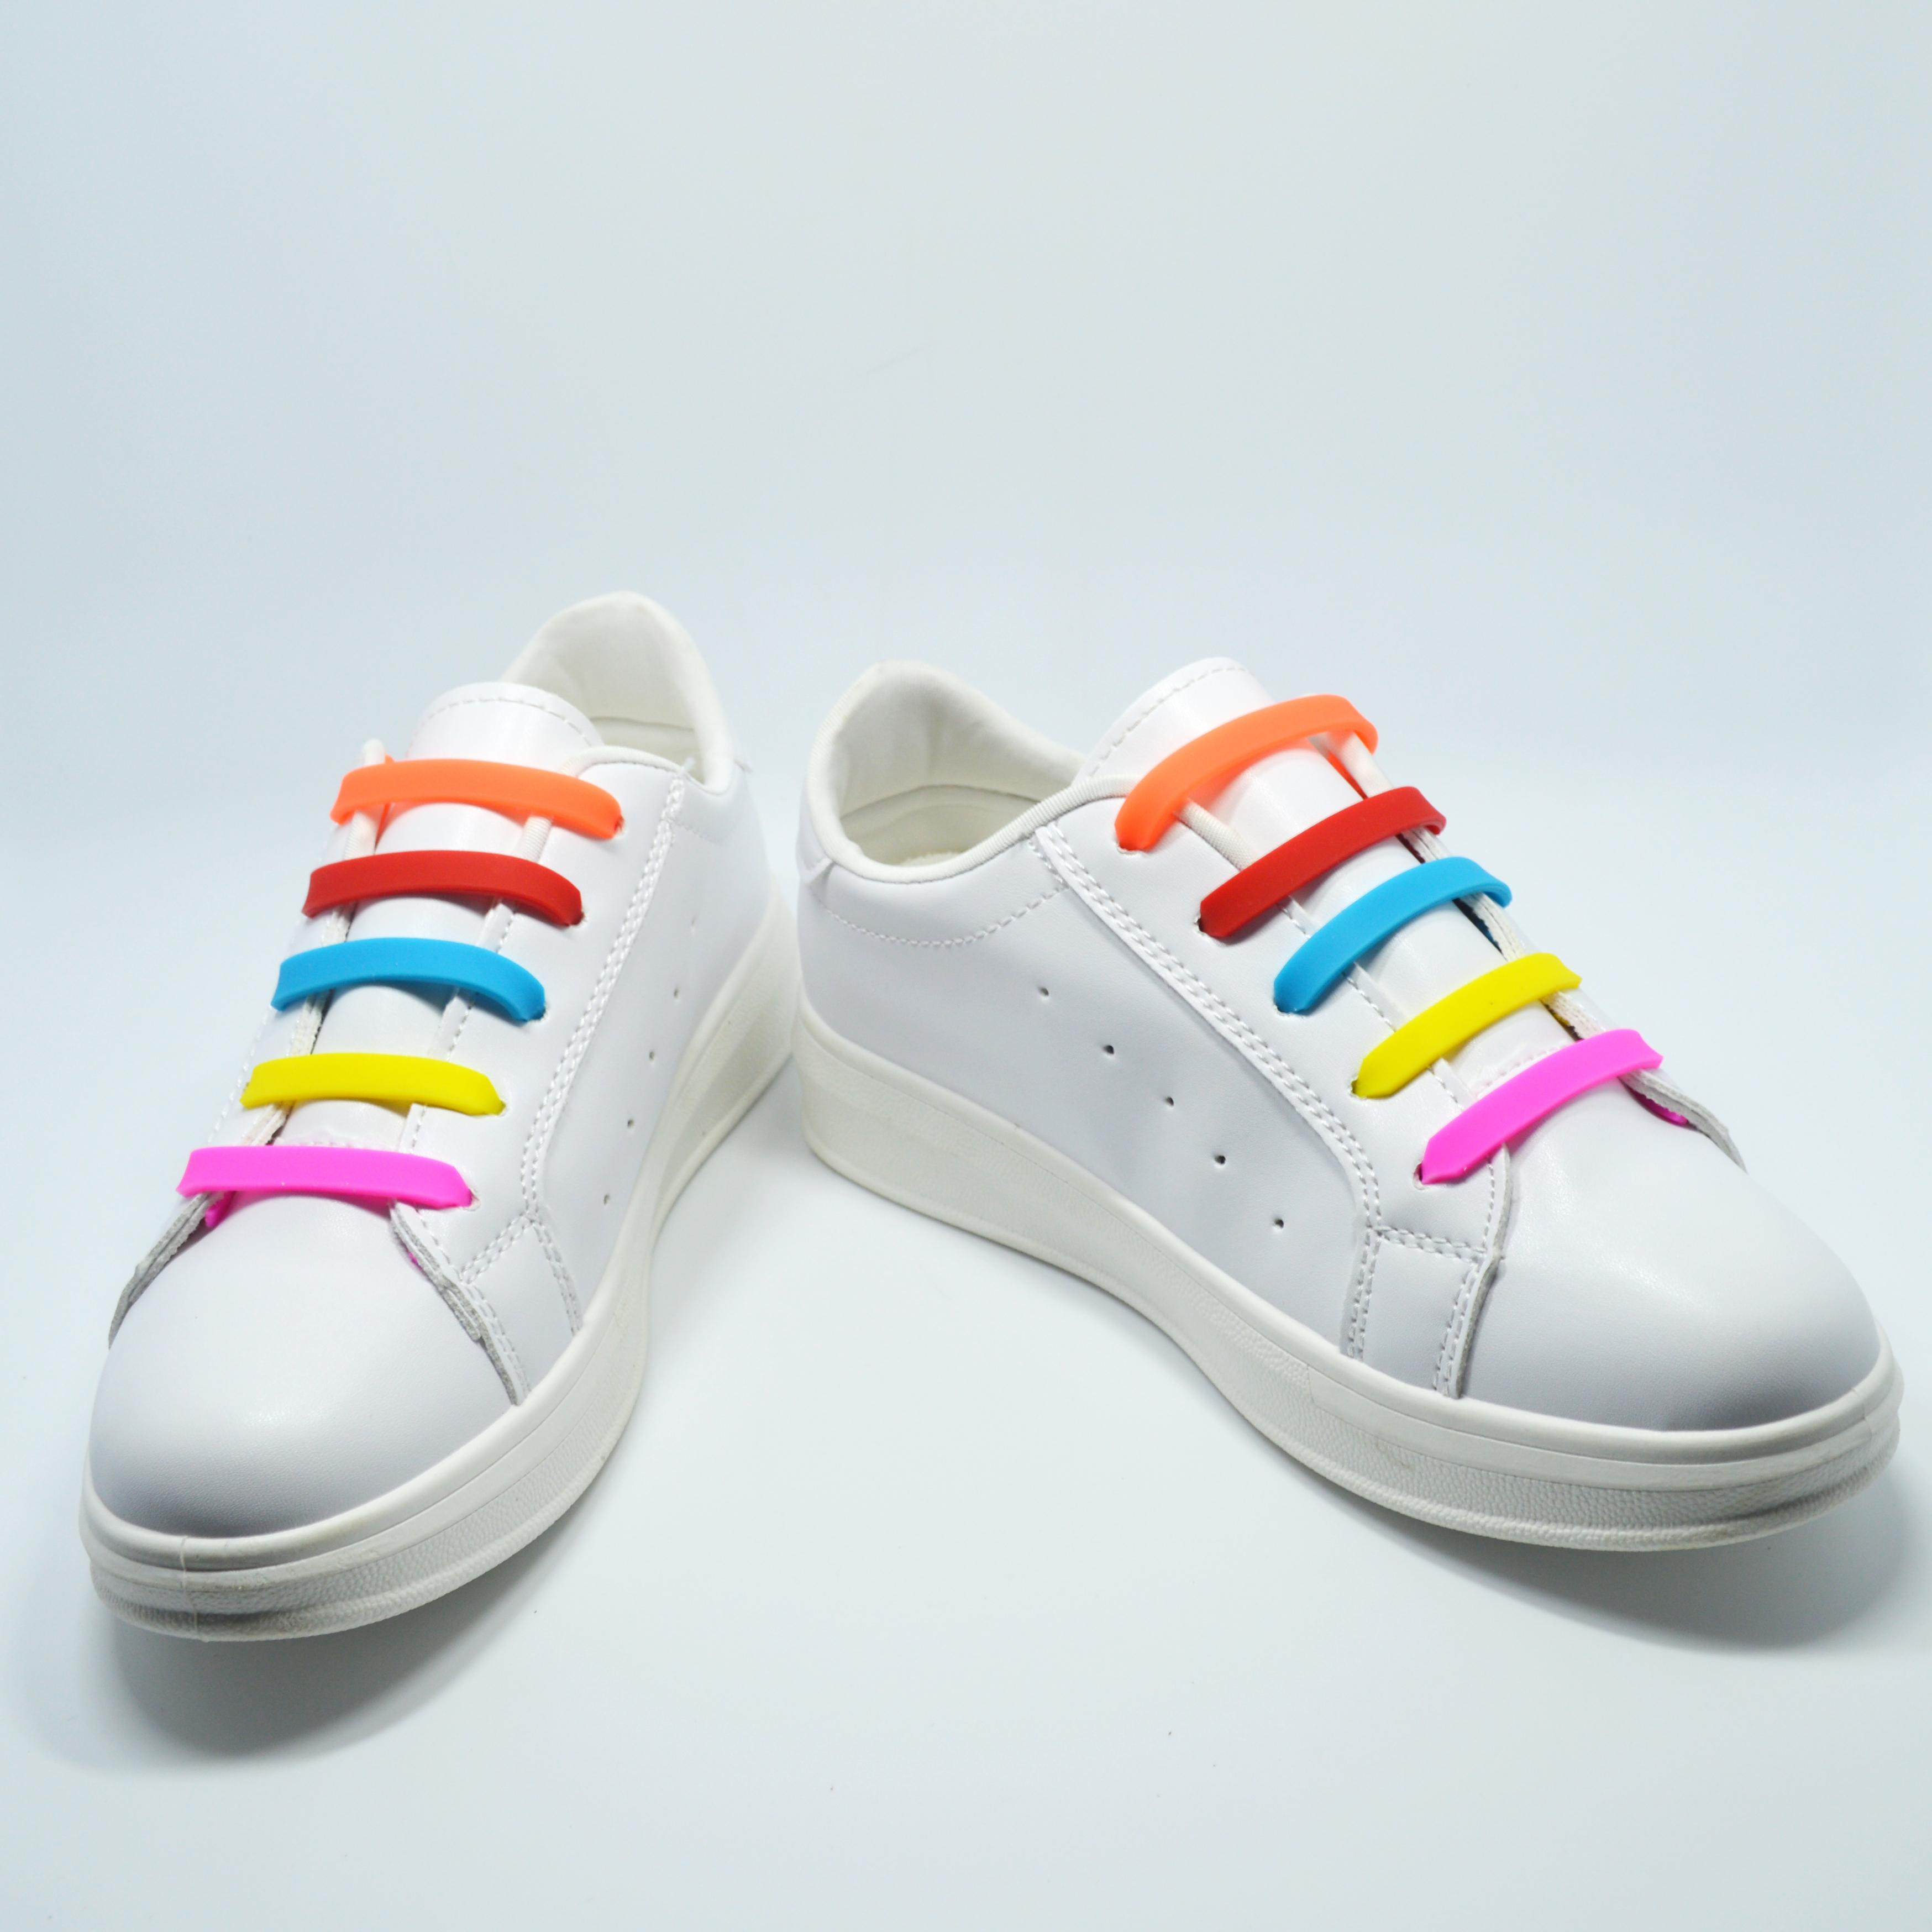 超简单的懒人鞋带系法,1秒钟学会_ving免绑鞋带